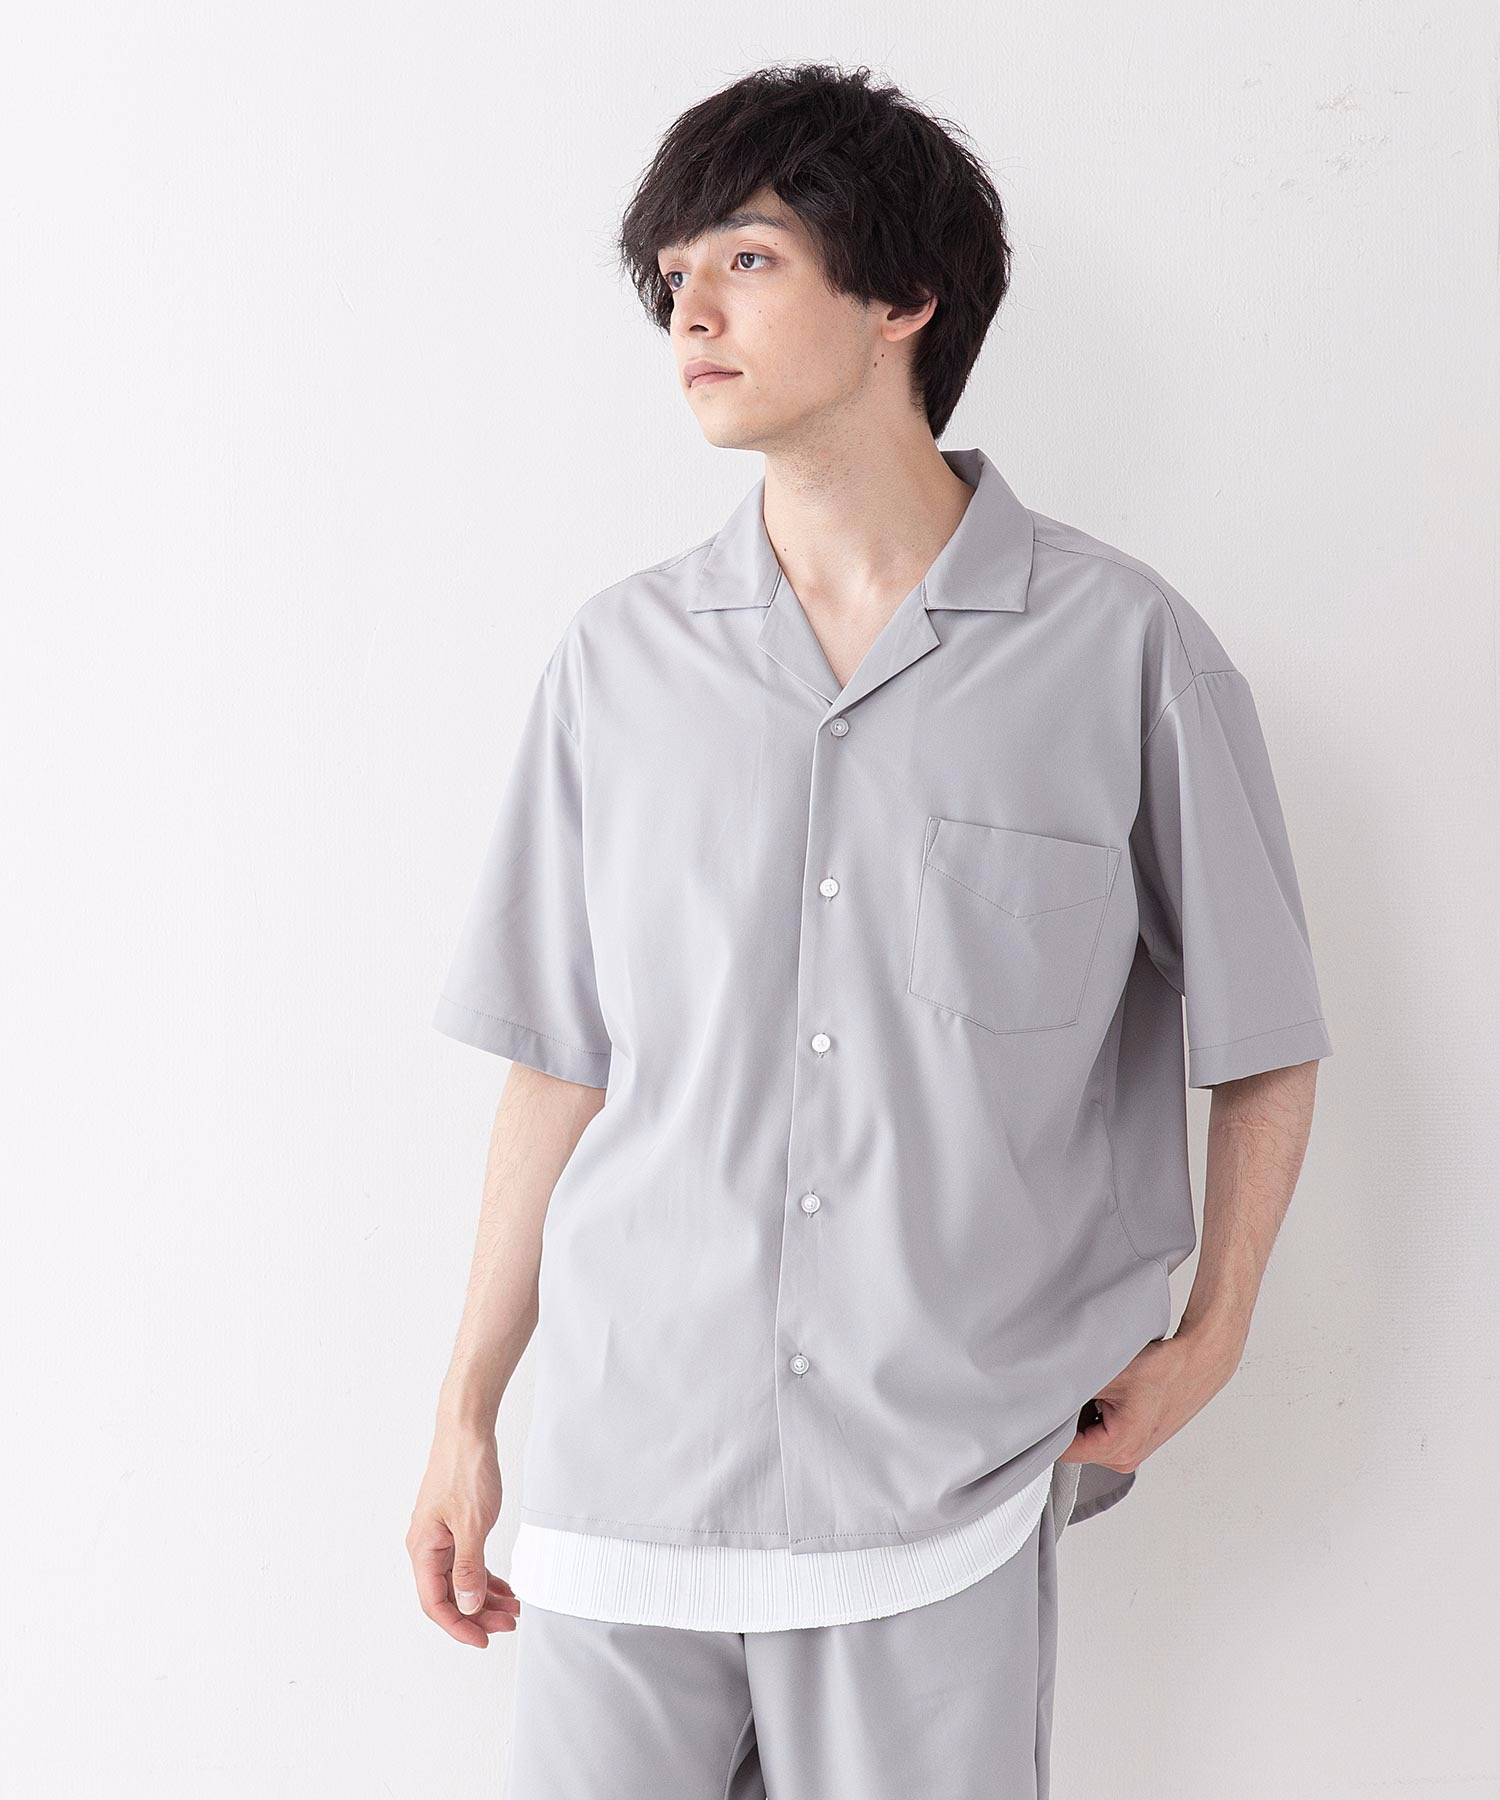 吸水速乾 UVカット 形態安定 2WAYストレッチ オープンカラーシャツ